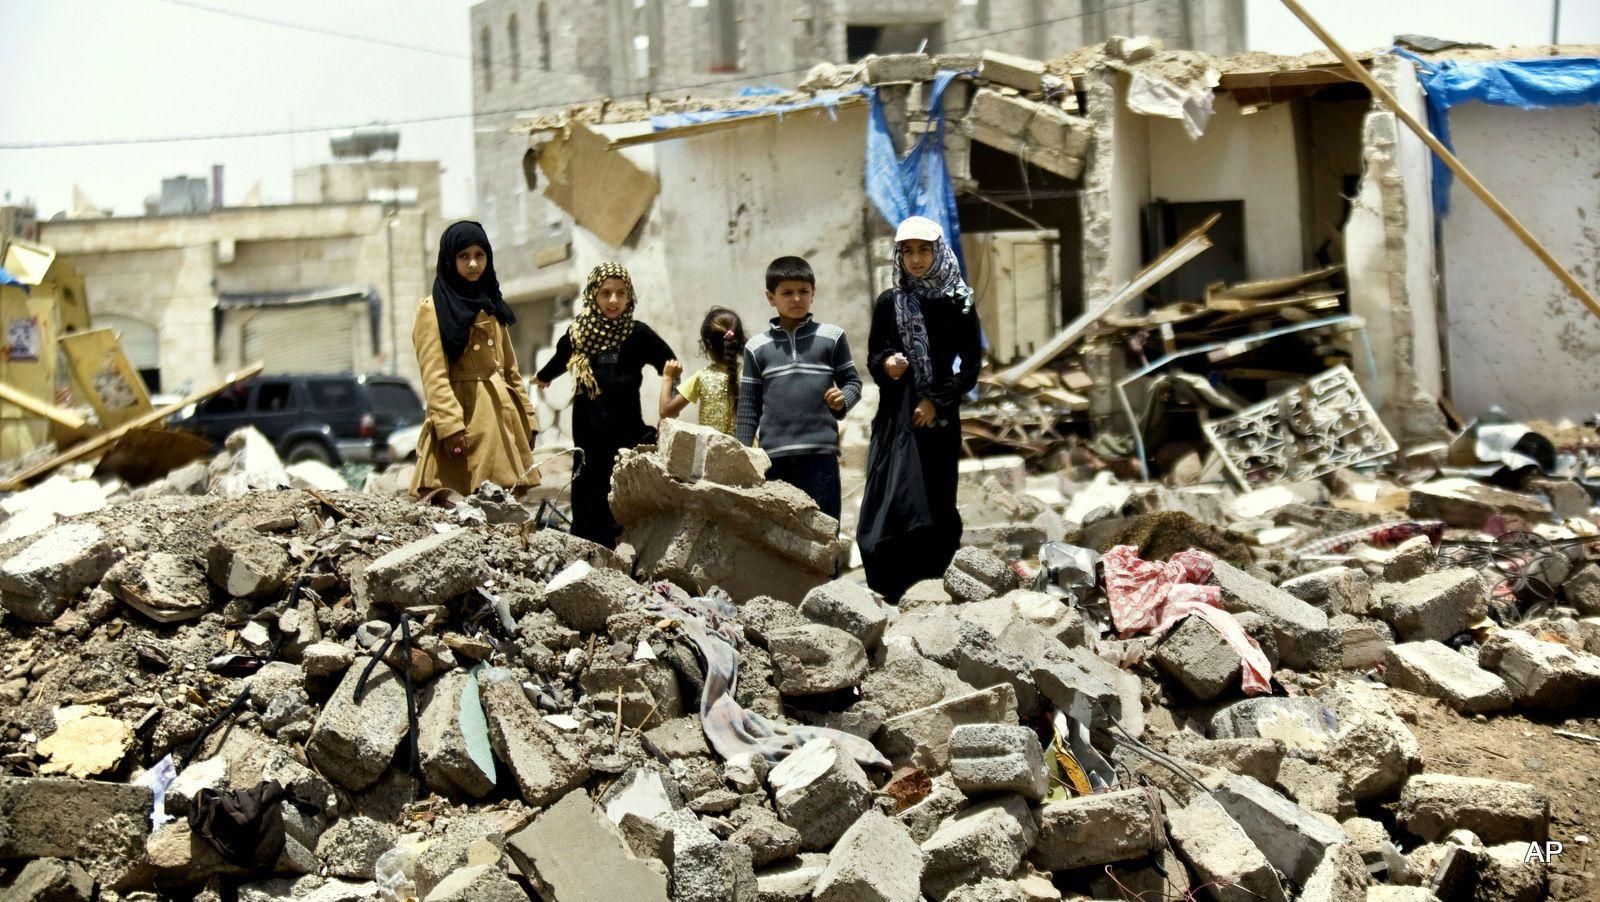 Las intervenciones extranjeras solo agravan los conflictos